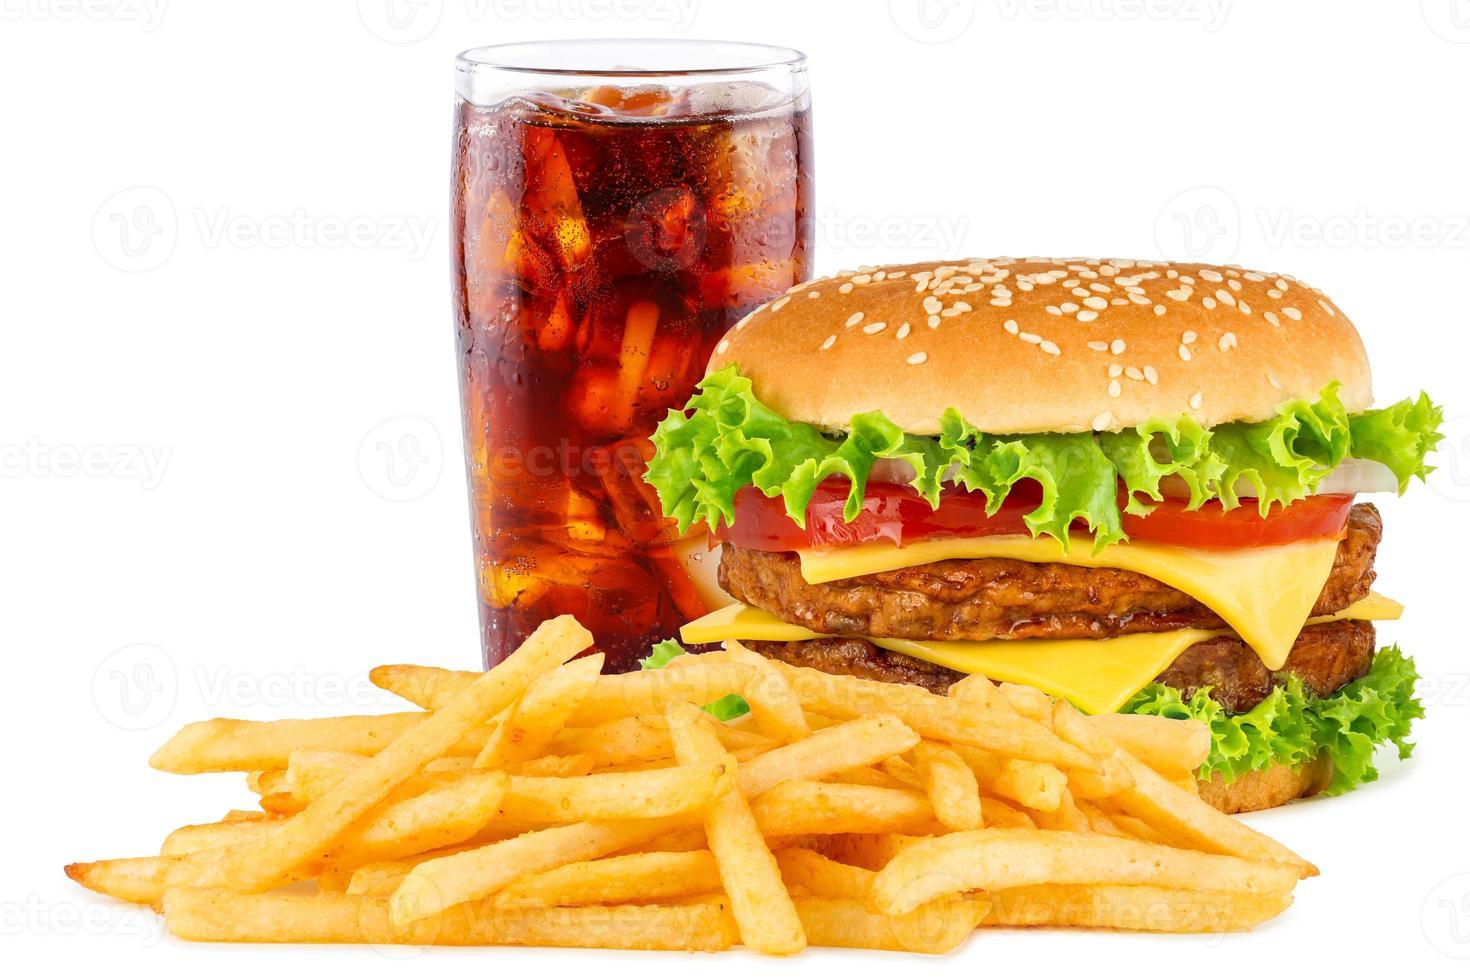 cheesesburger menu photo